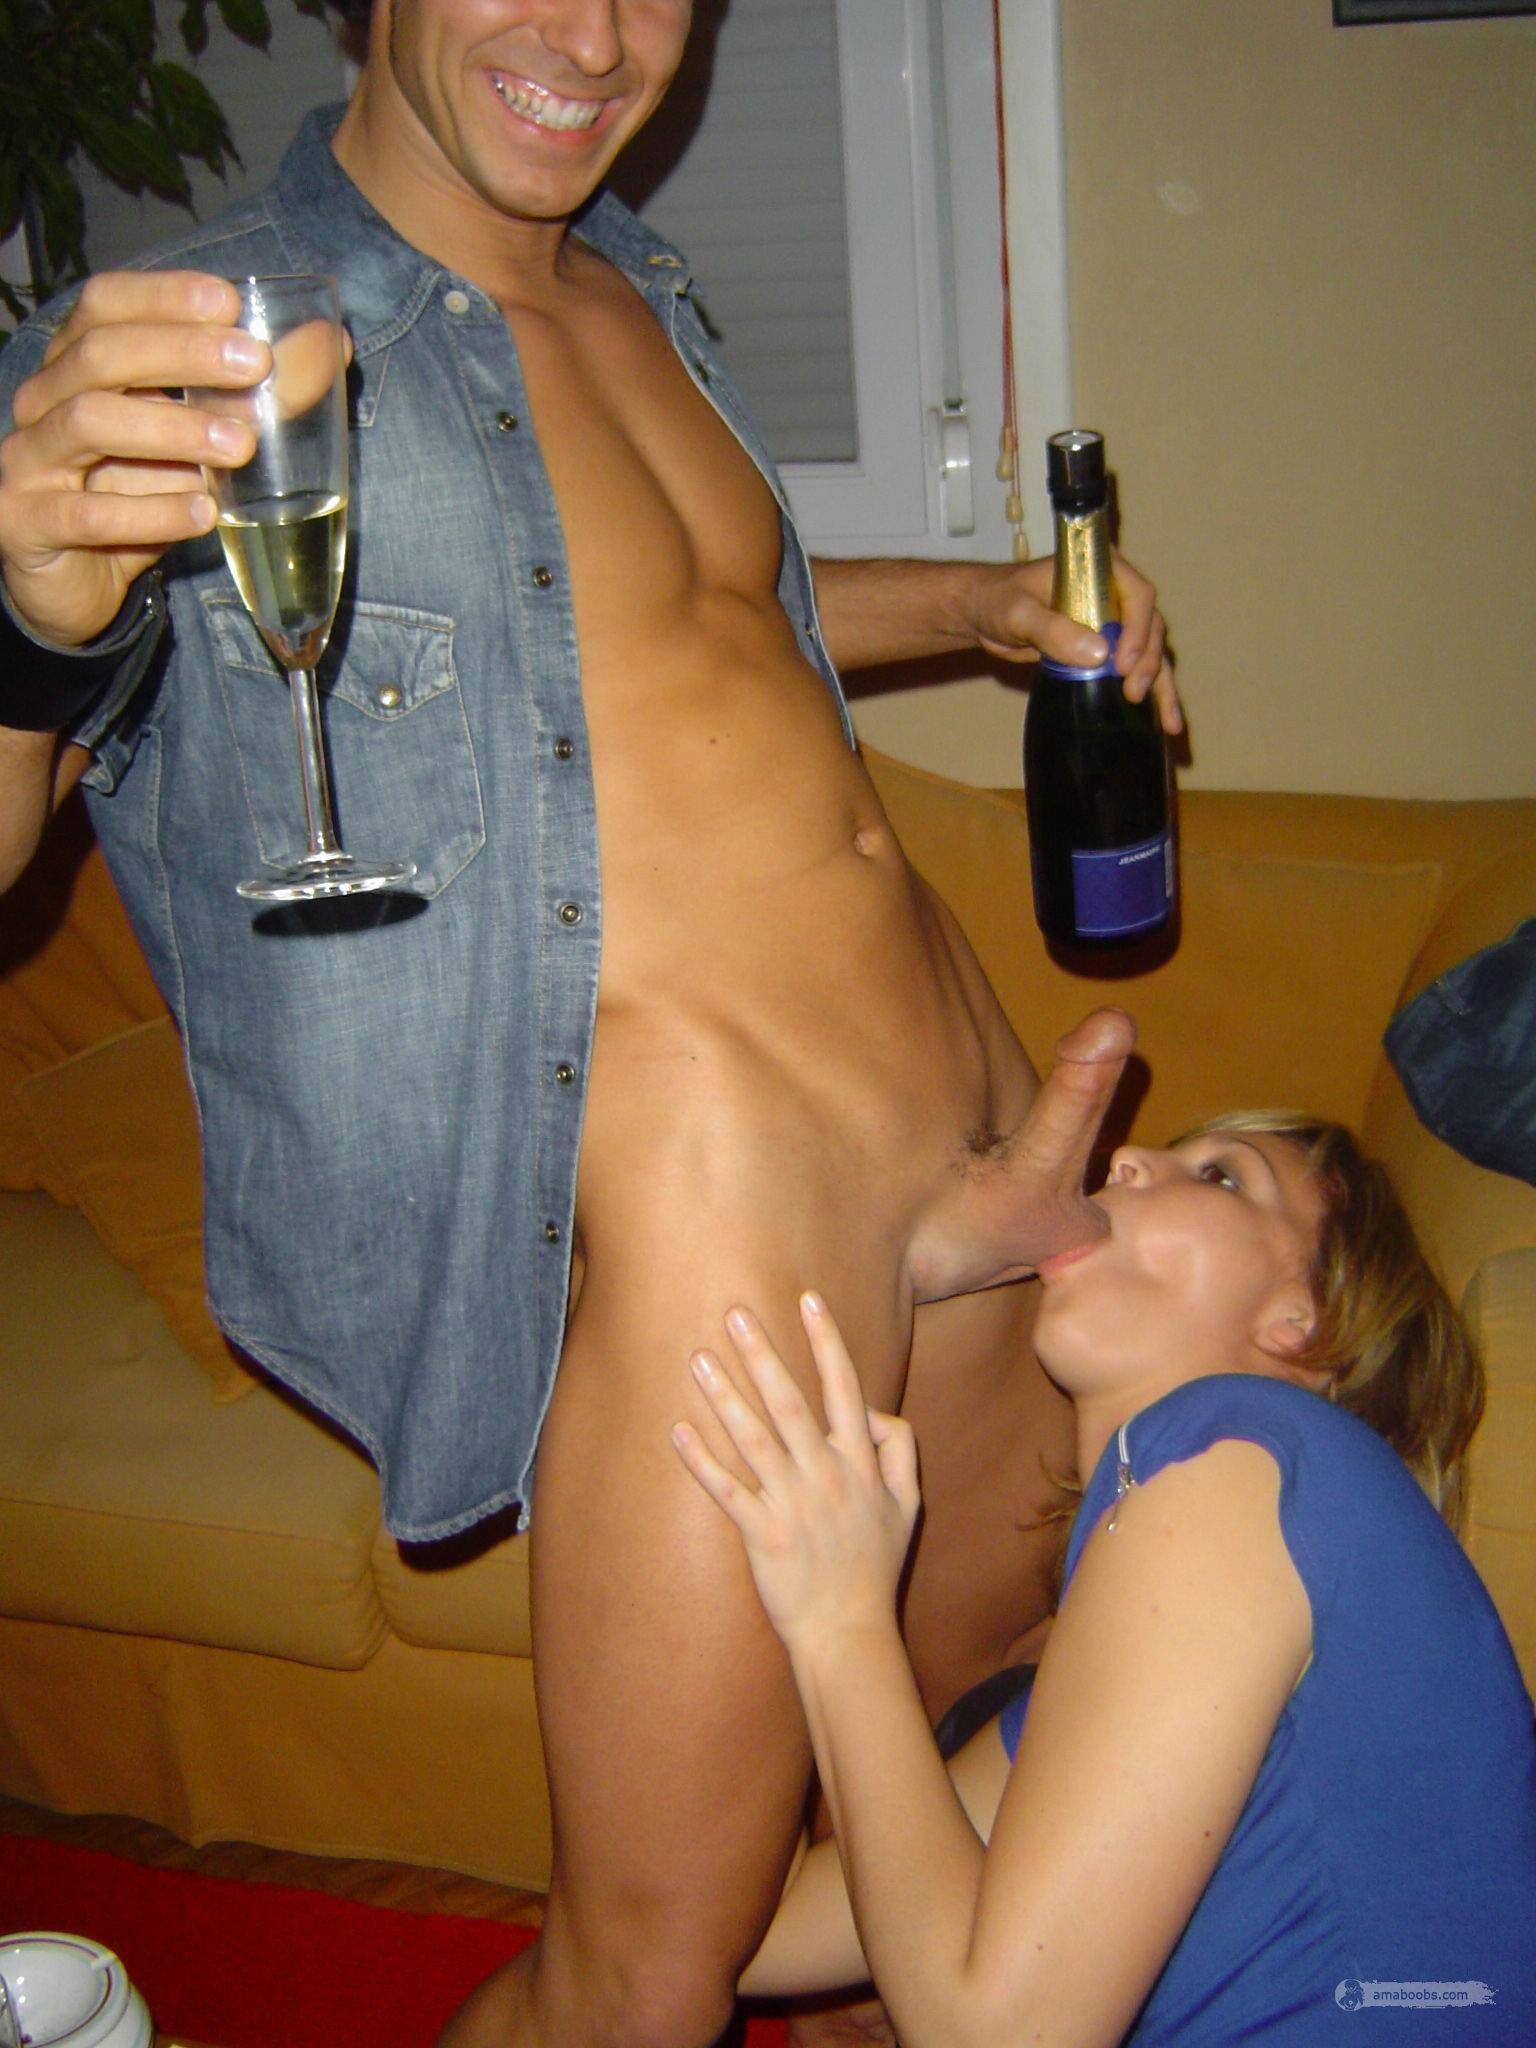 Drunk porn pics